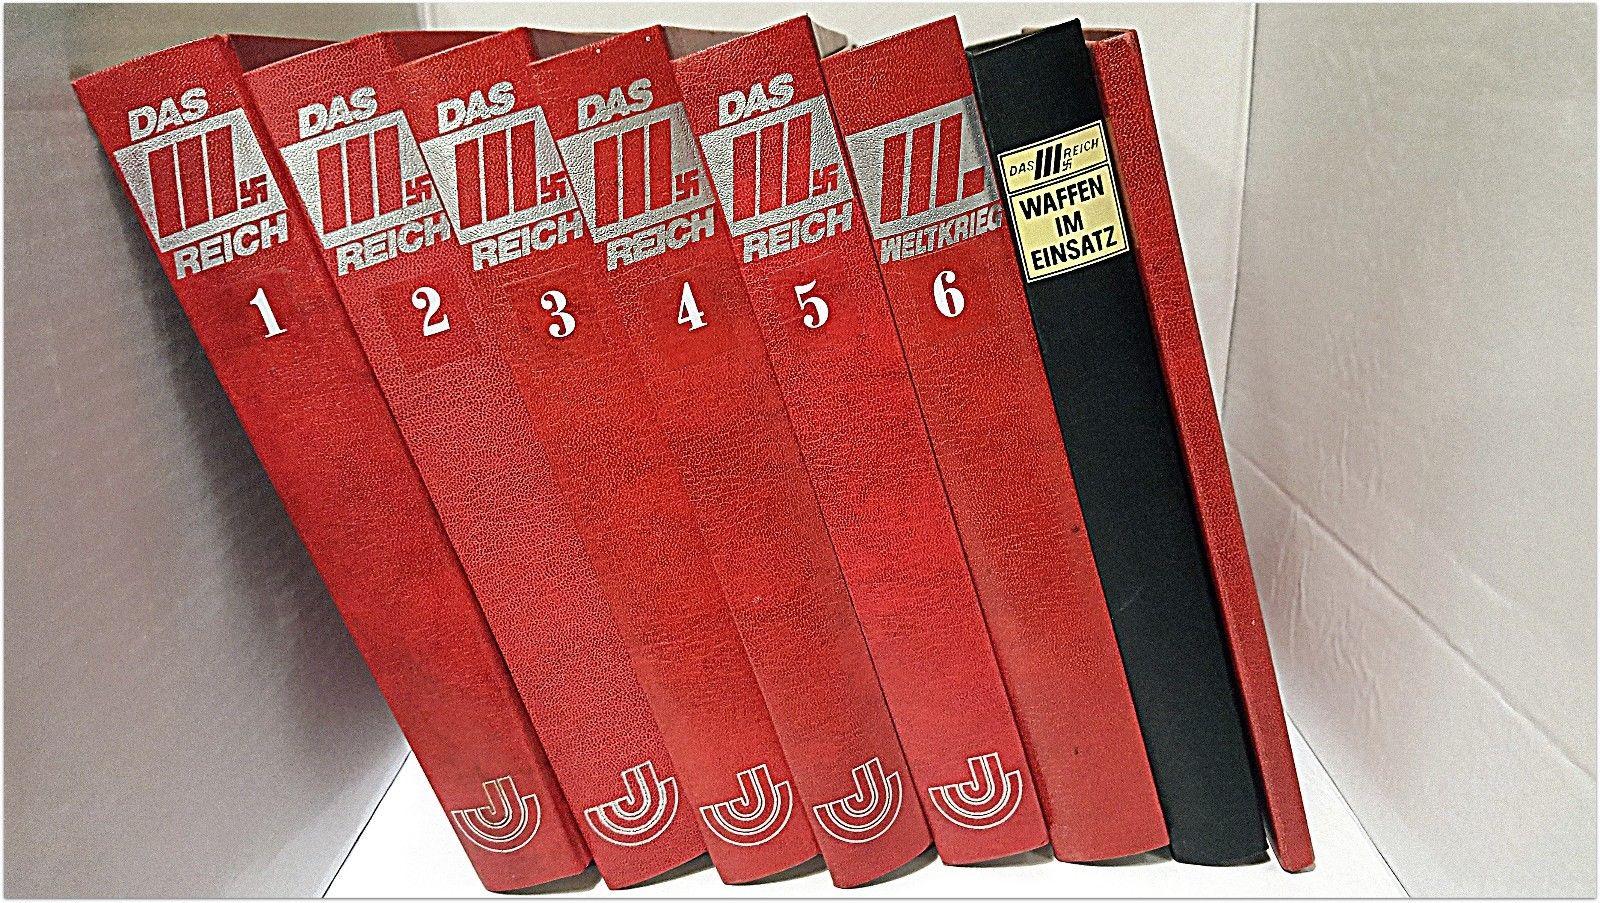 Das 3. Reich, 6. Bände Zeitschriftensammlung 2. Weltkrieg